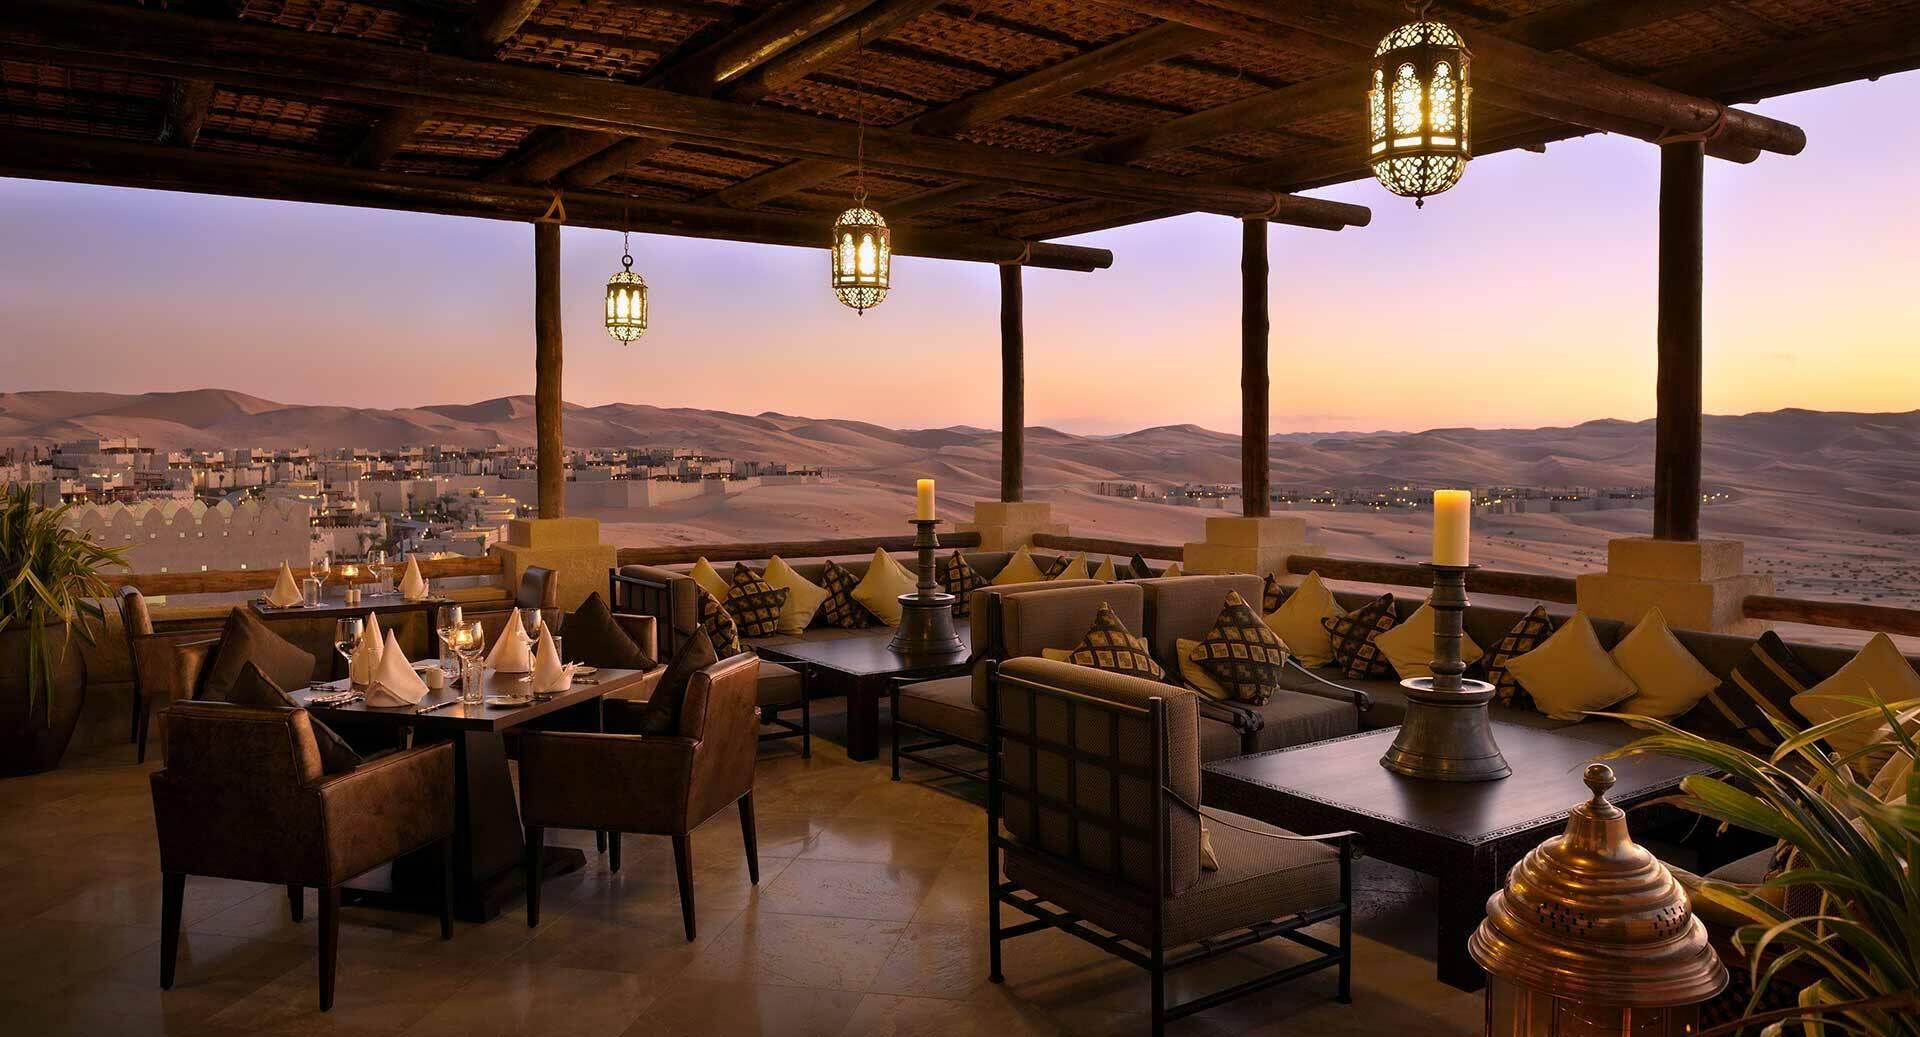 Abu Dhabi Anantara Qasr al Sarab Desert suhail restaurant